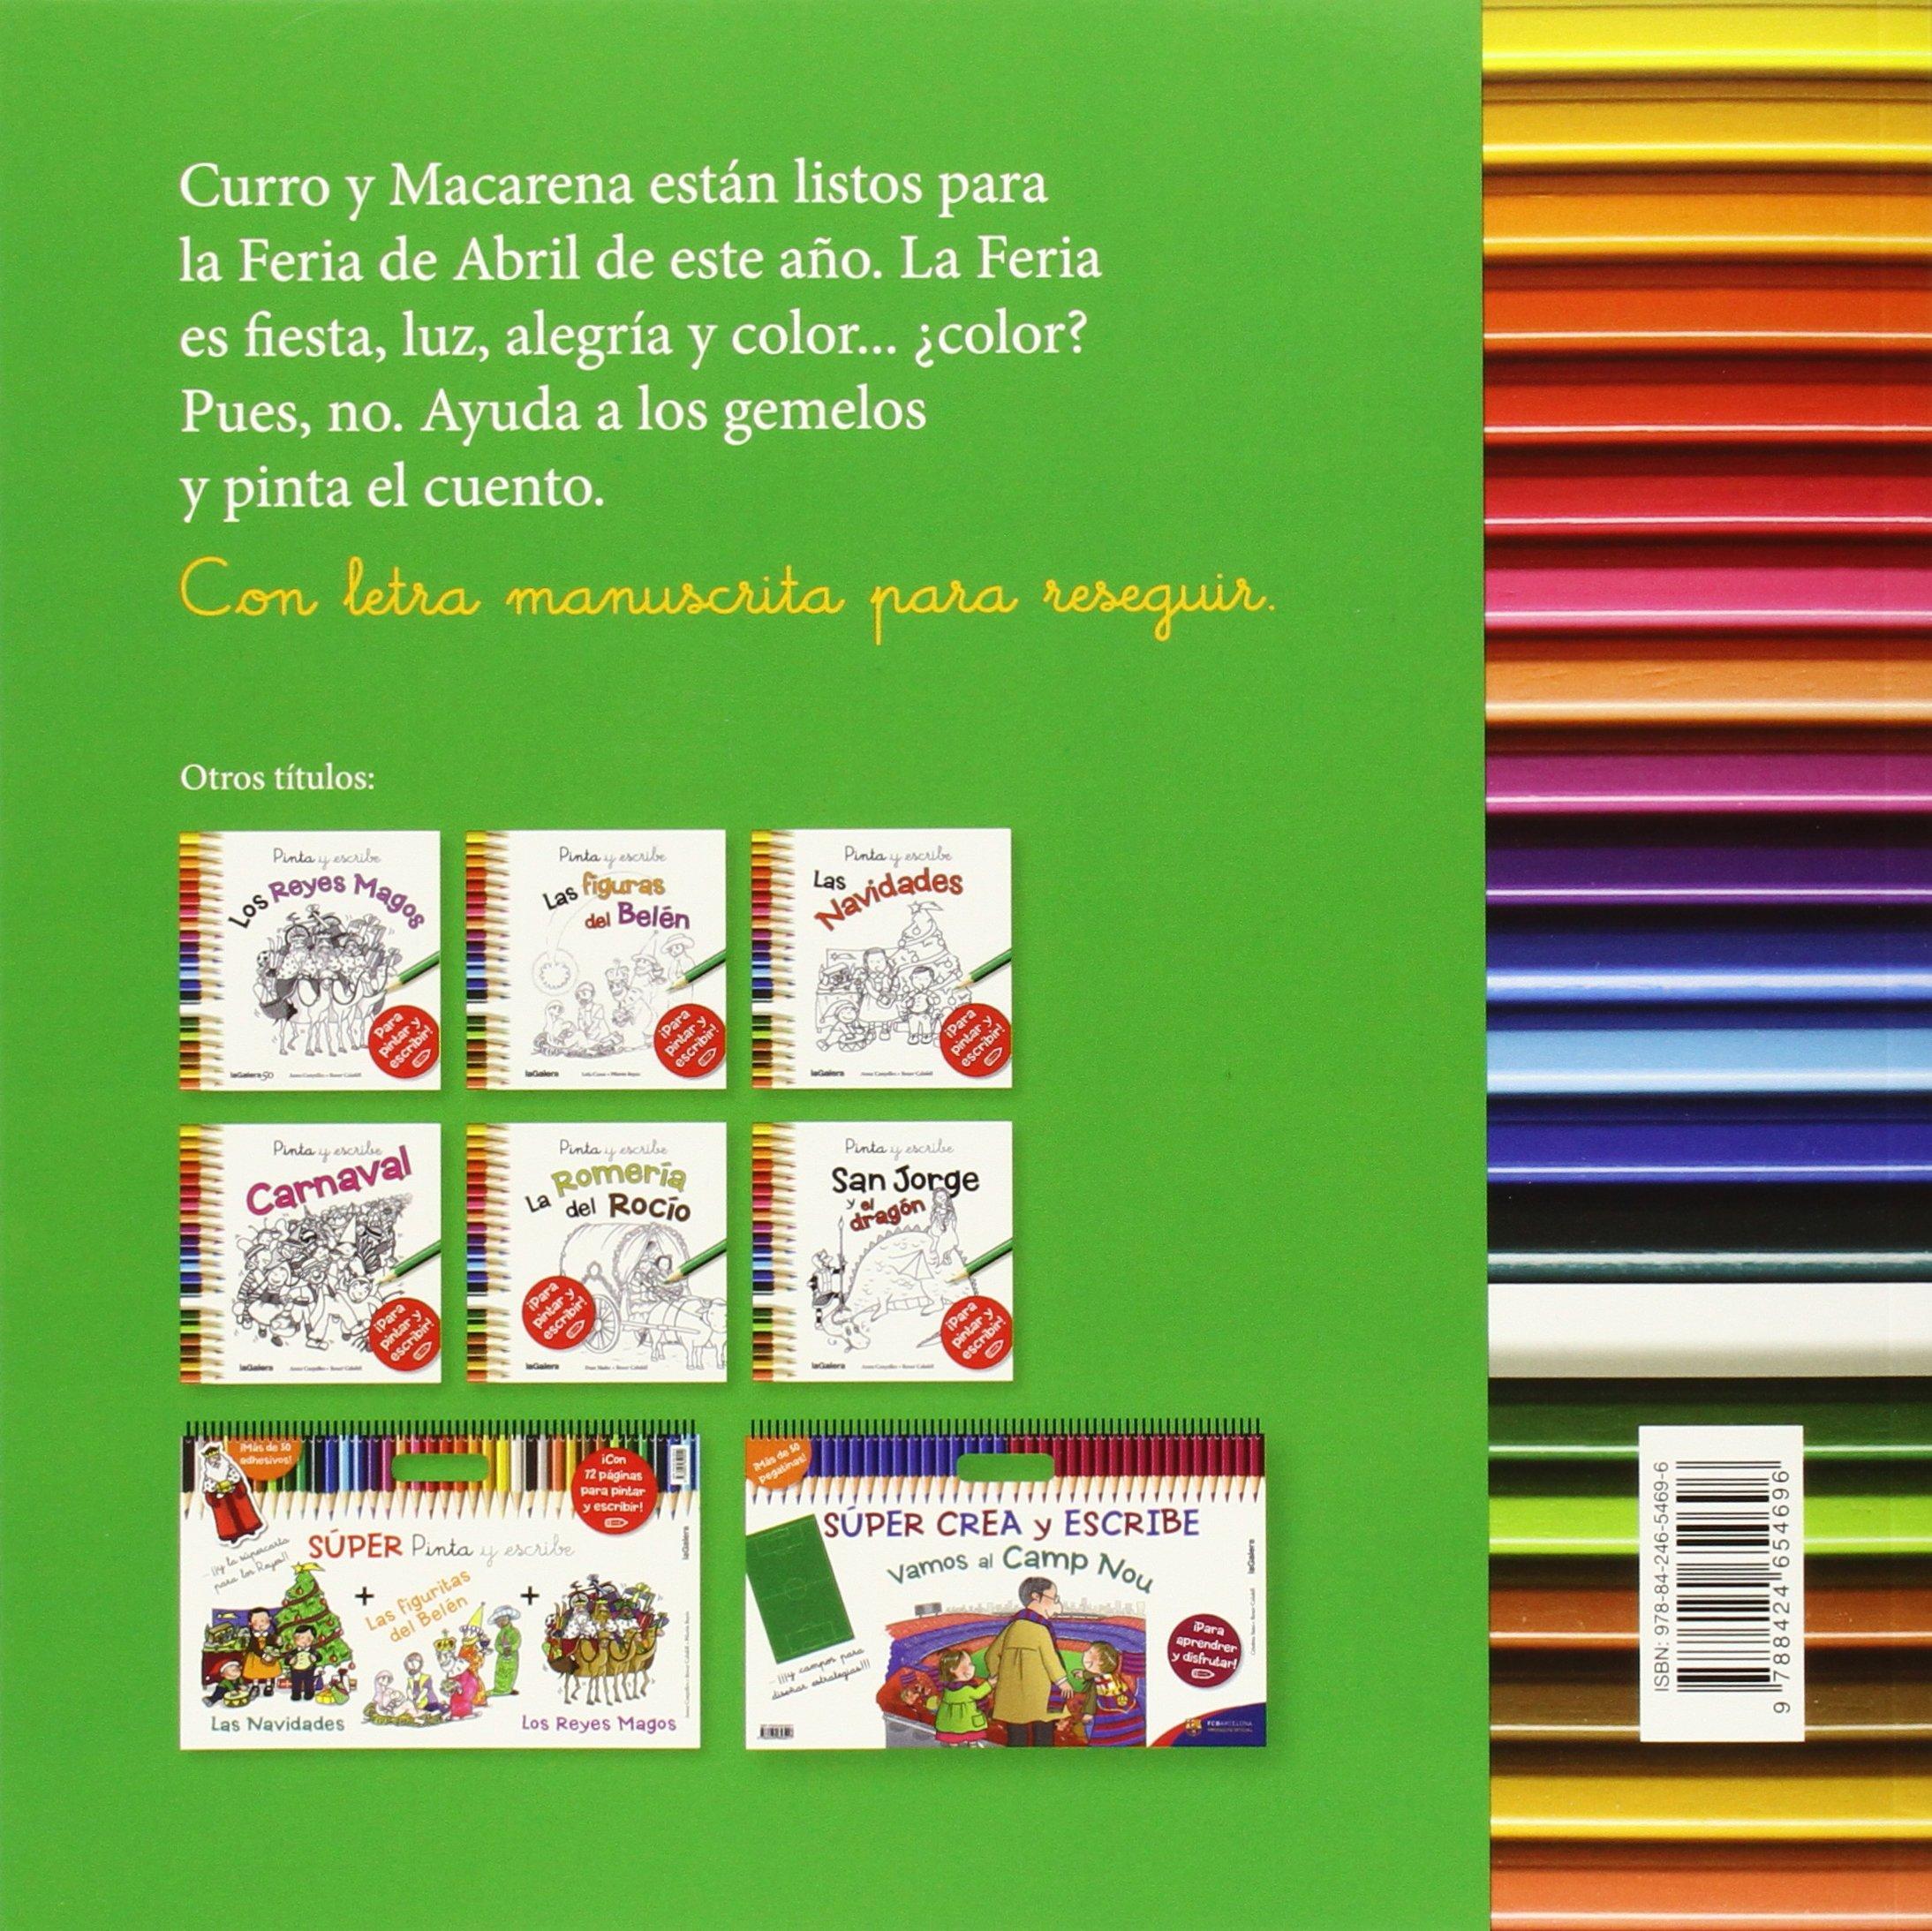 La Feria De Abril (Tradiciones): Amazon.es: Fran Nuño, Roser Calafell Serra: Libros